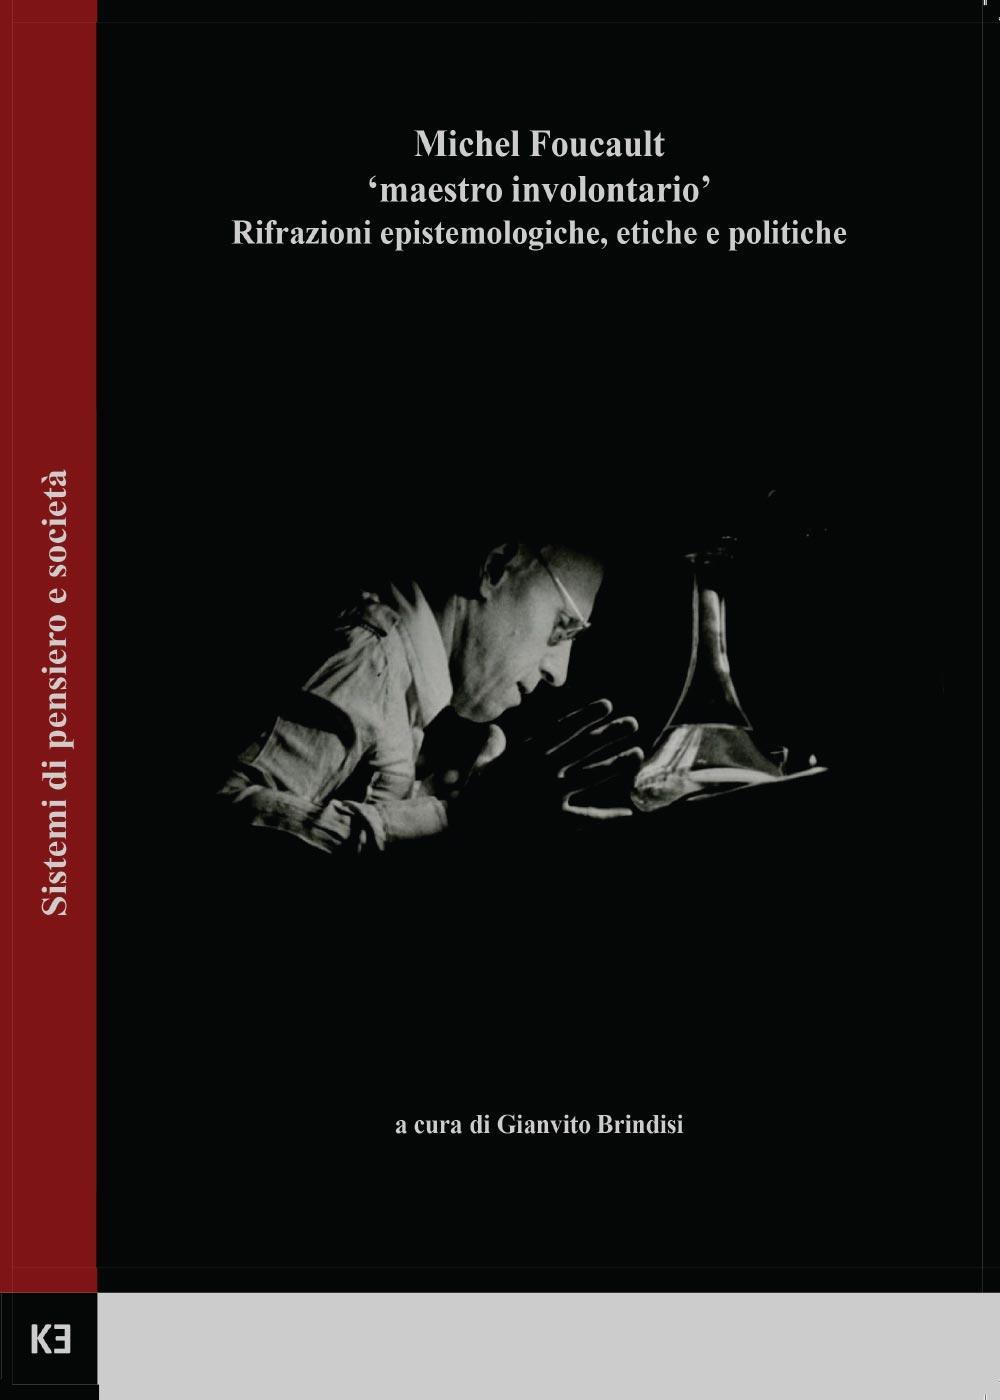 Michel Foucault 'maestro involontario'. Rifrazioni epistemologiche, etiche e politiche